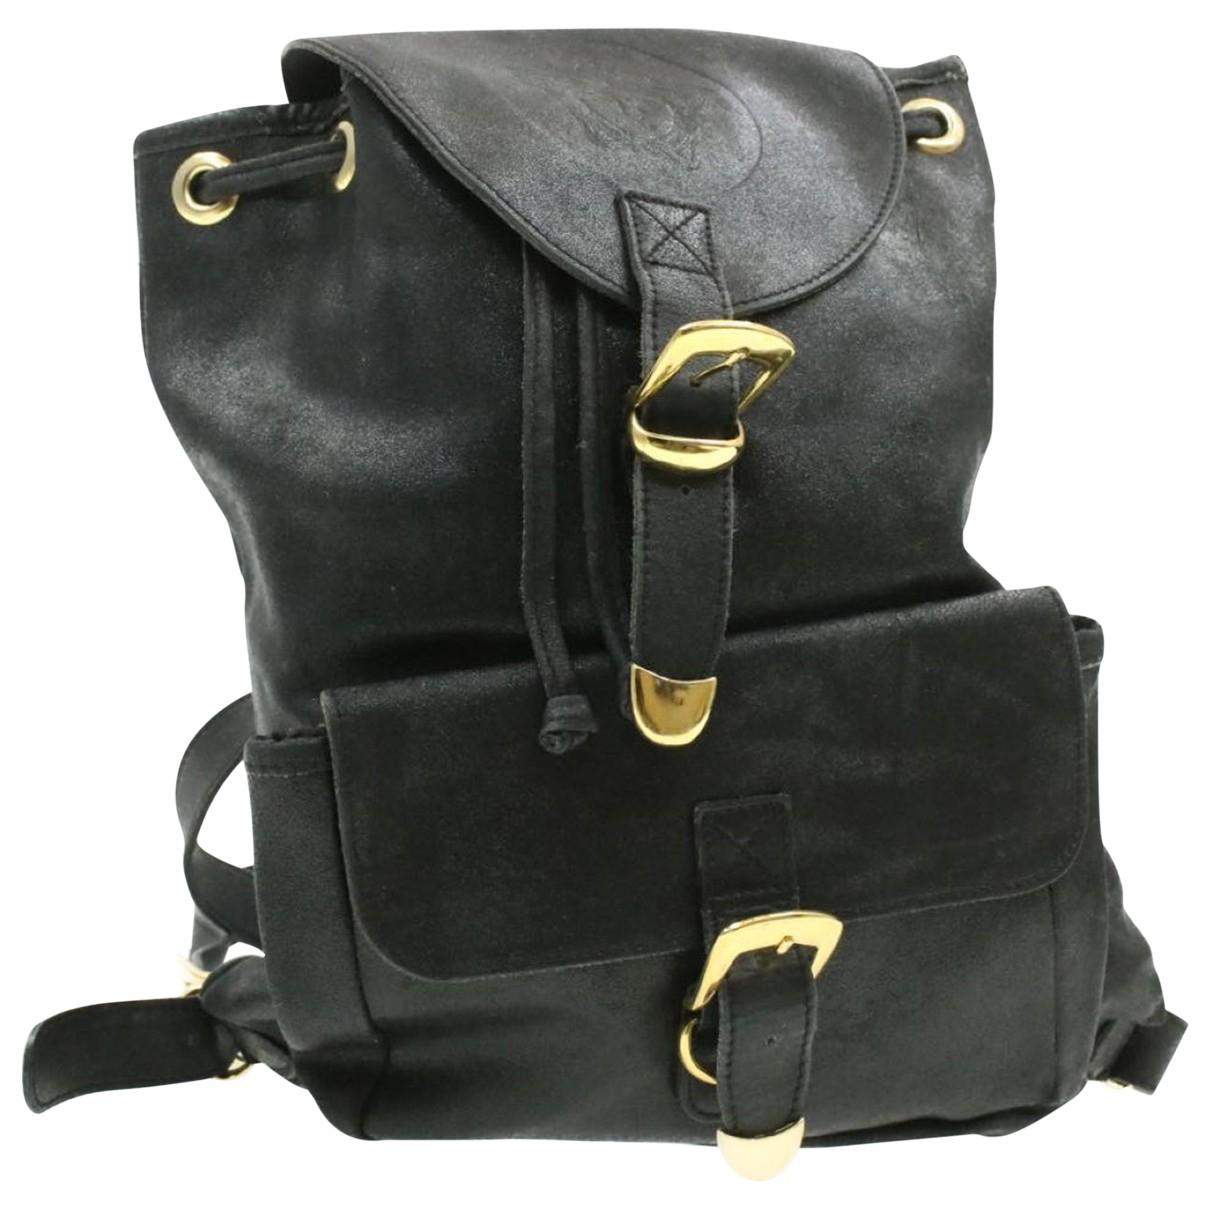 Gianni Versace - Sac a dos   pour femme en cuir - noir